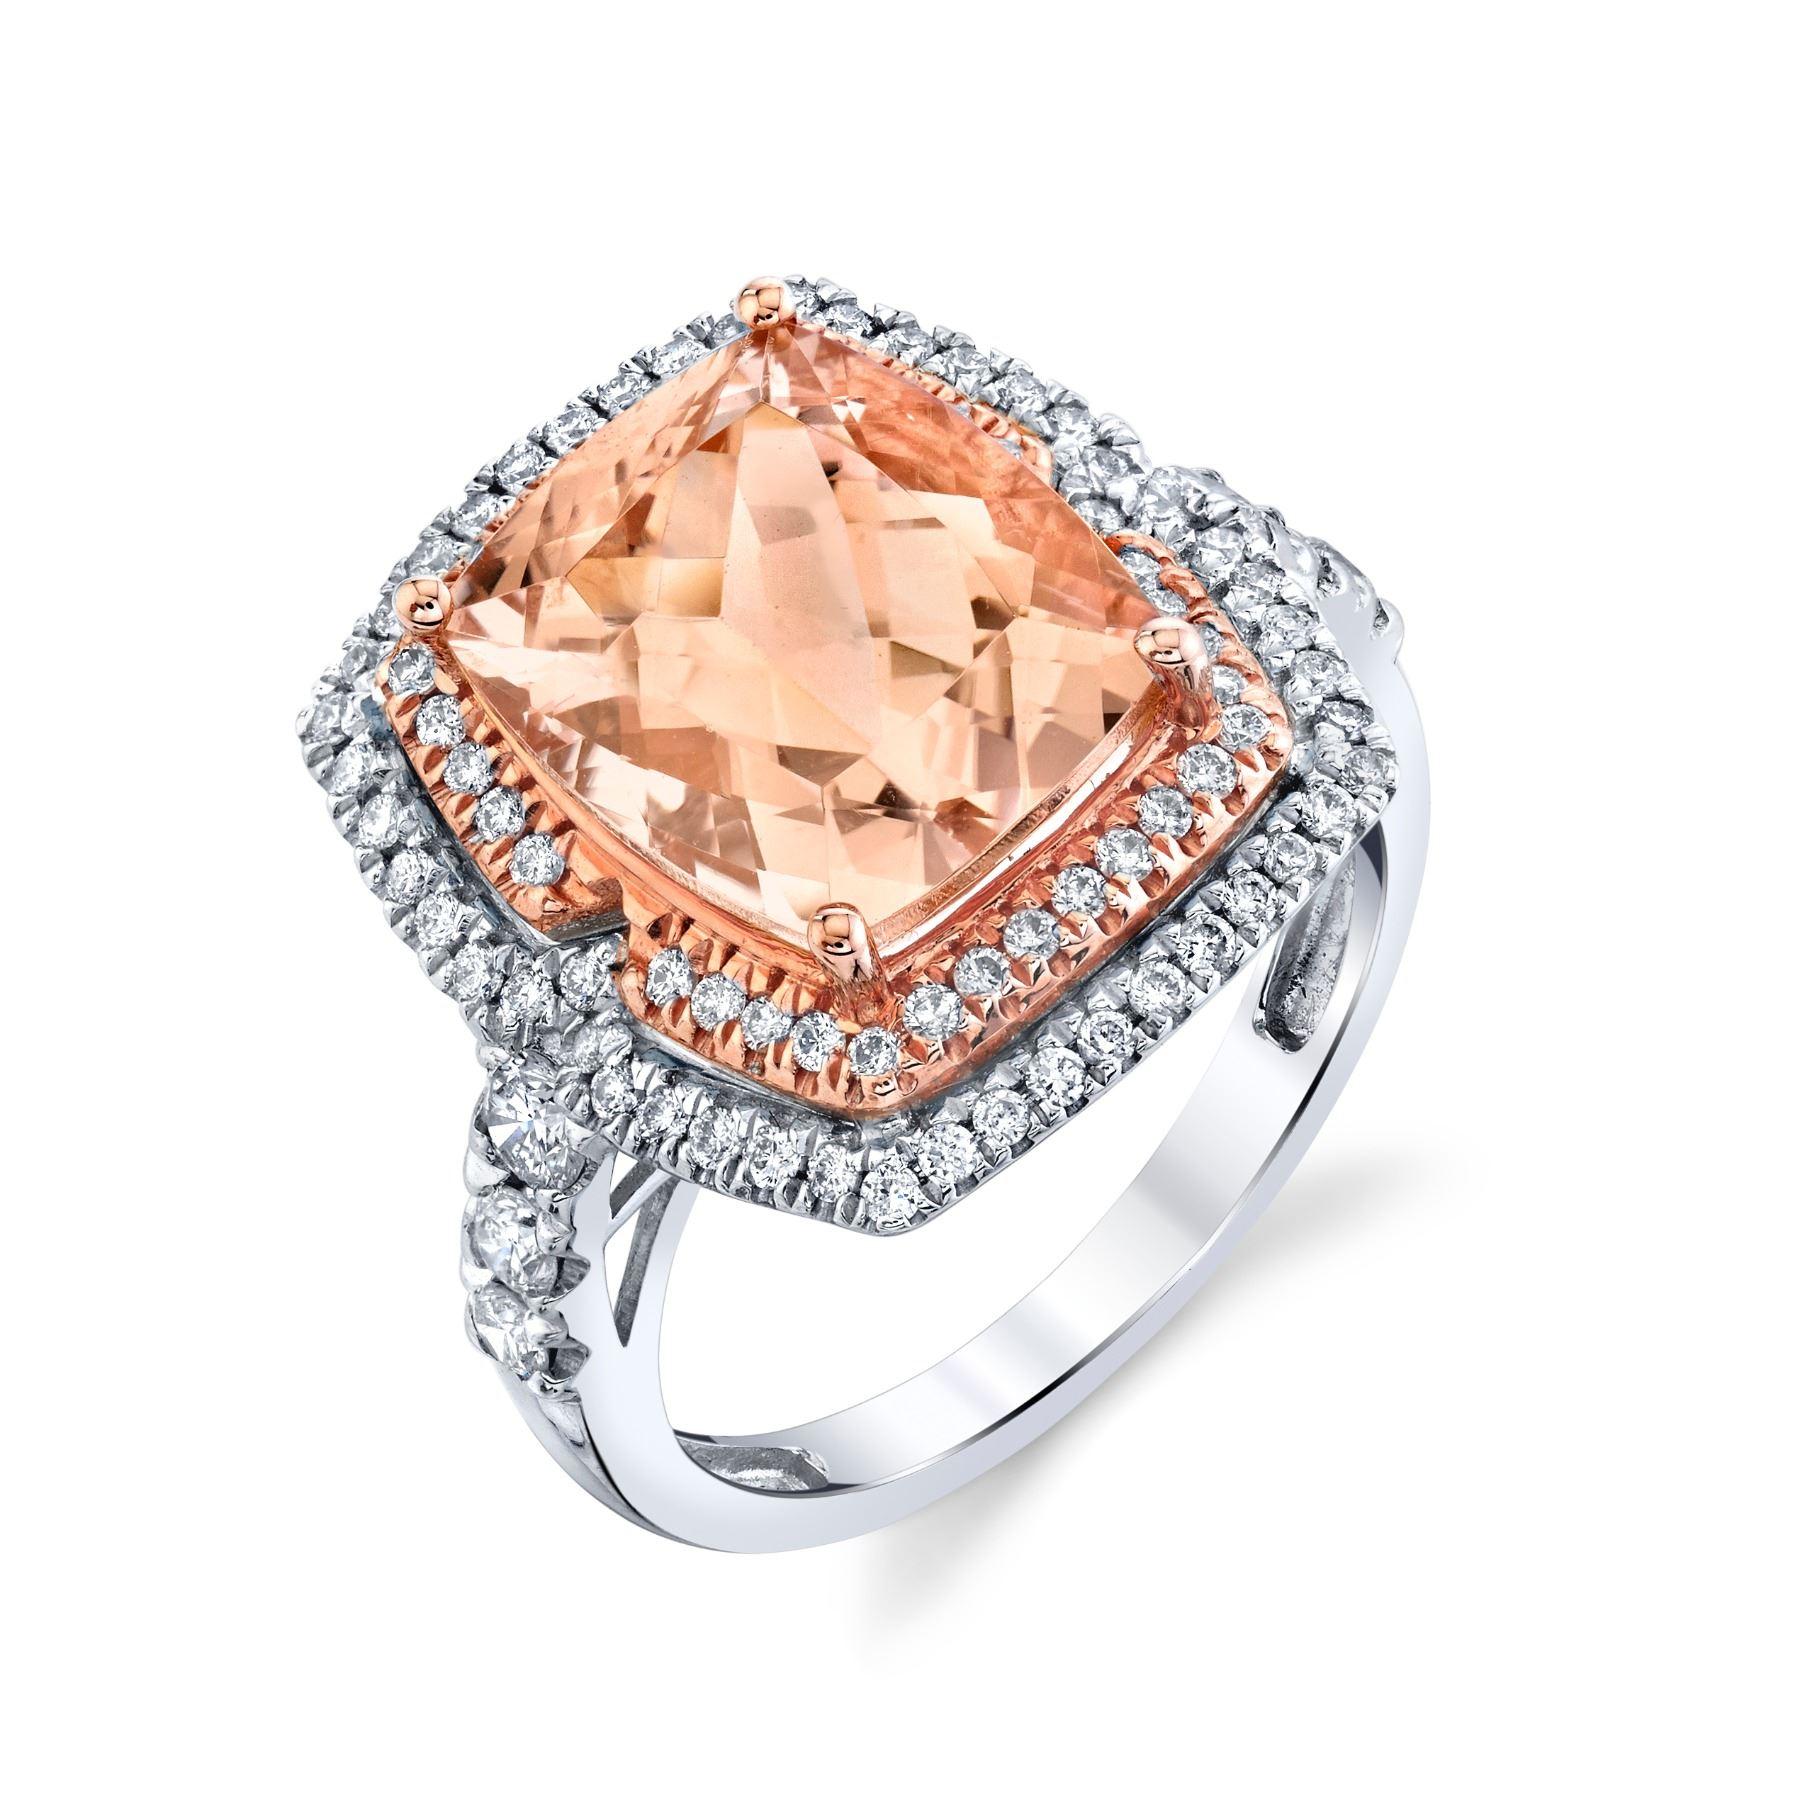 MORGANITE & DIAMOND RING  BARANOF JEWELERS